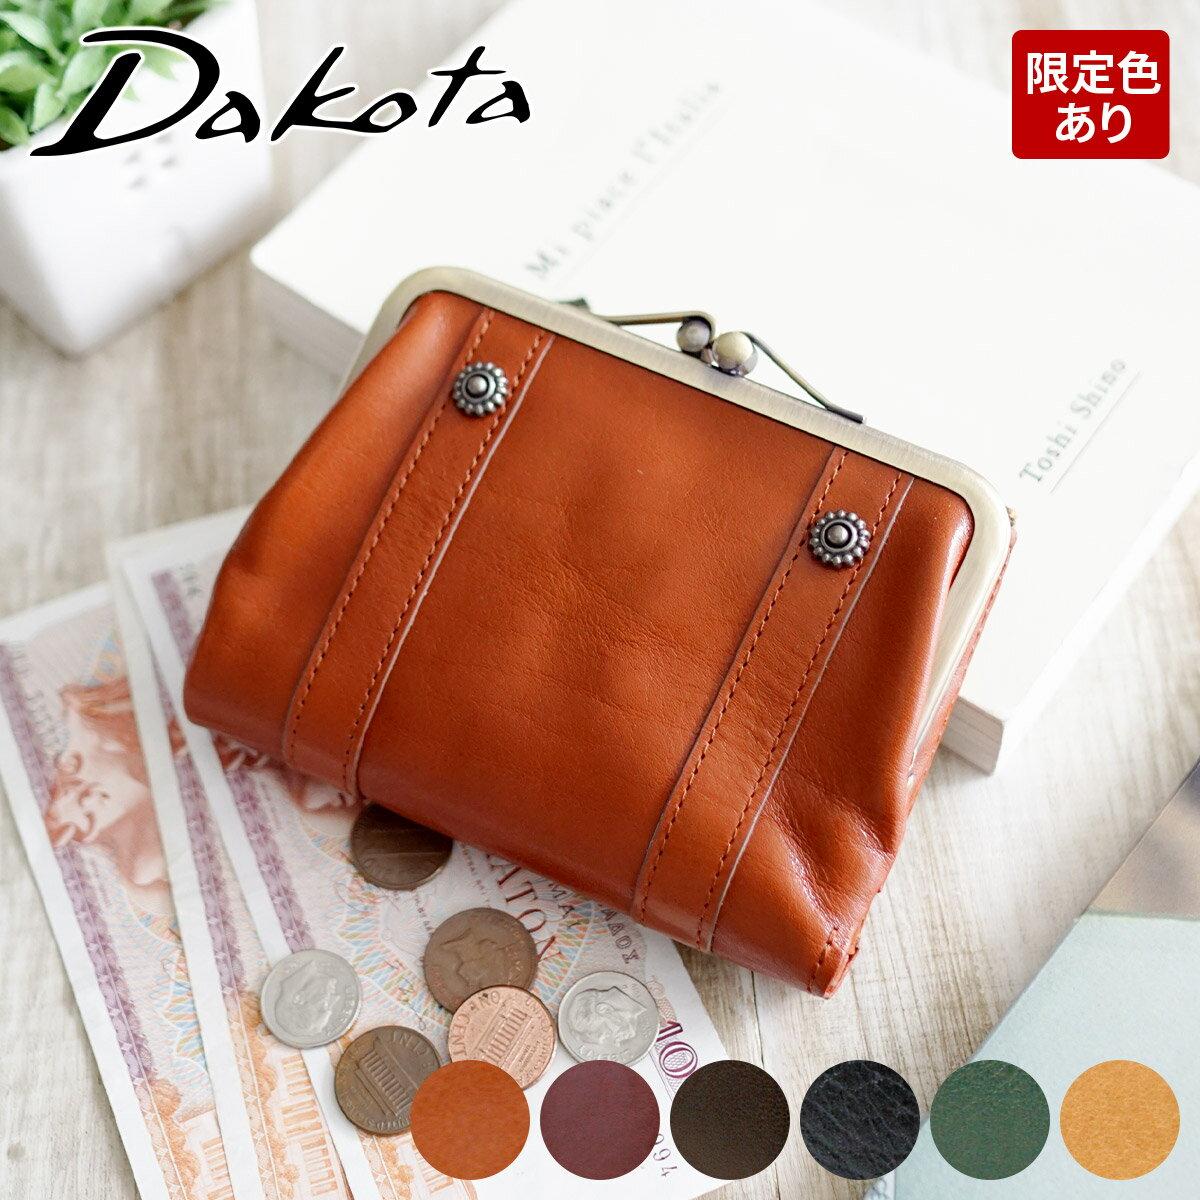 Dakota(ダコタ)『リードクラシックがま口二つ折り財布(0030020)』